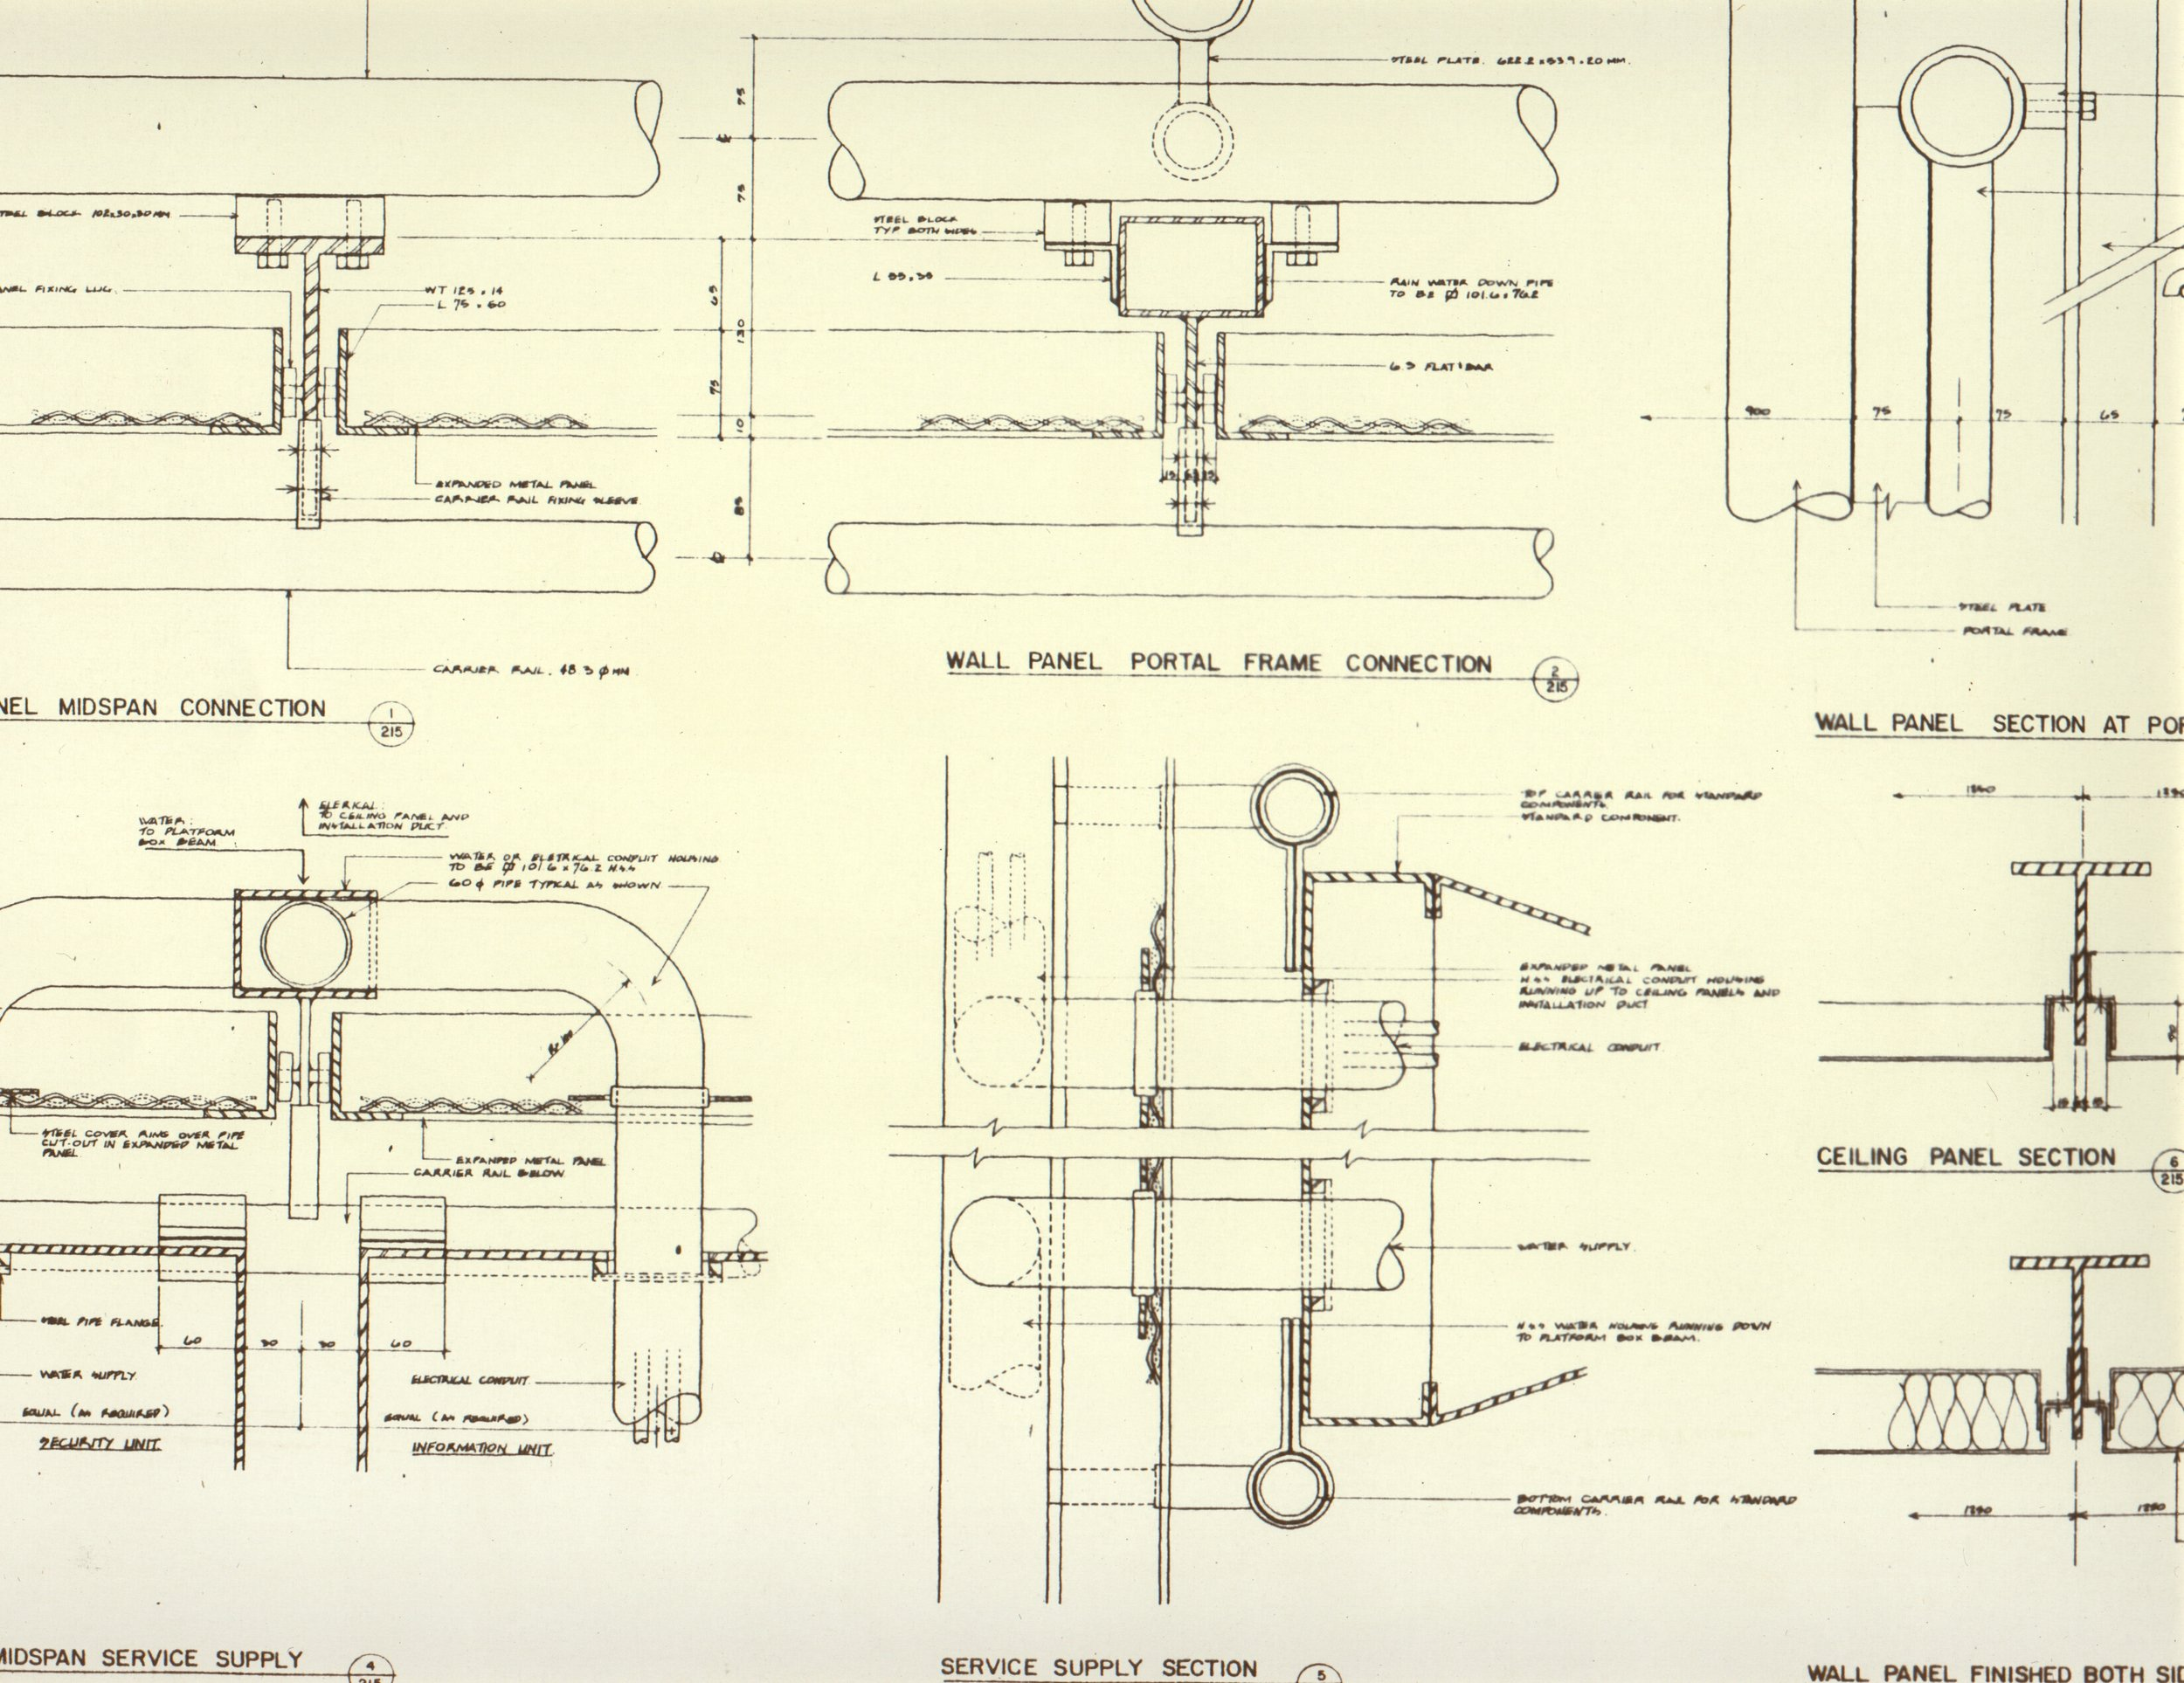 OSD - Details